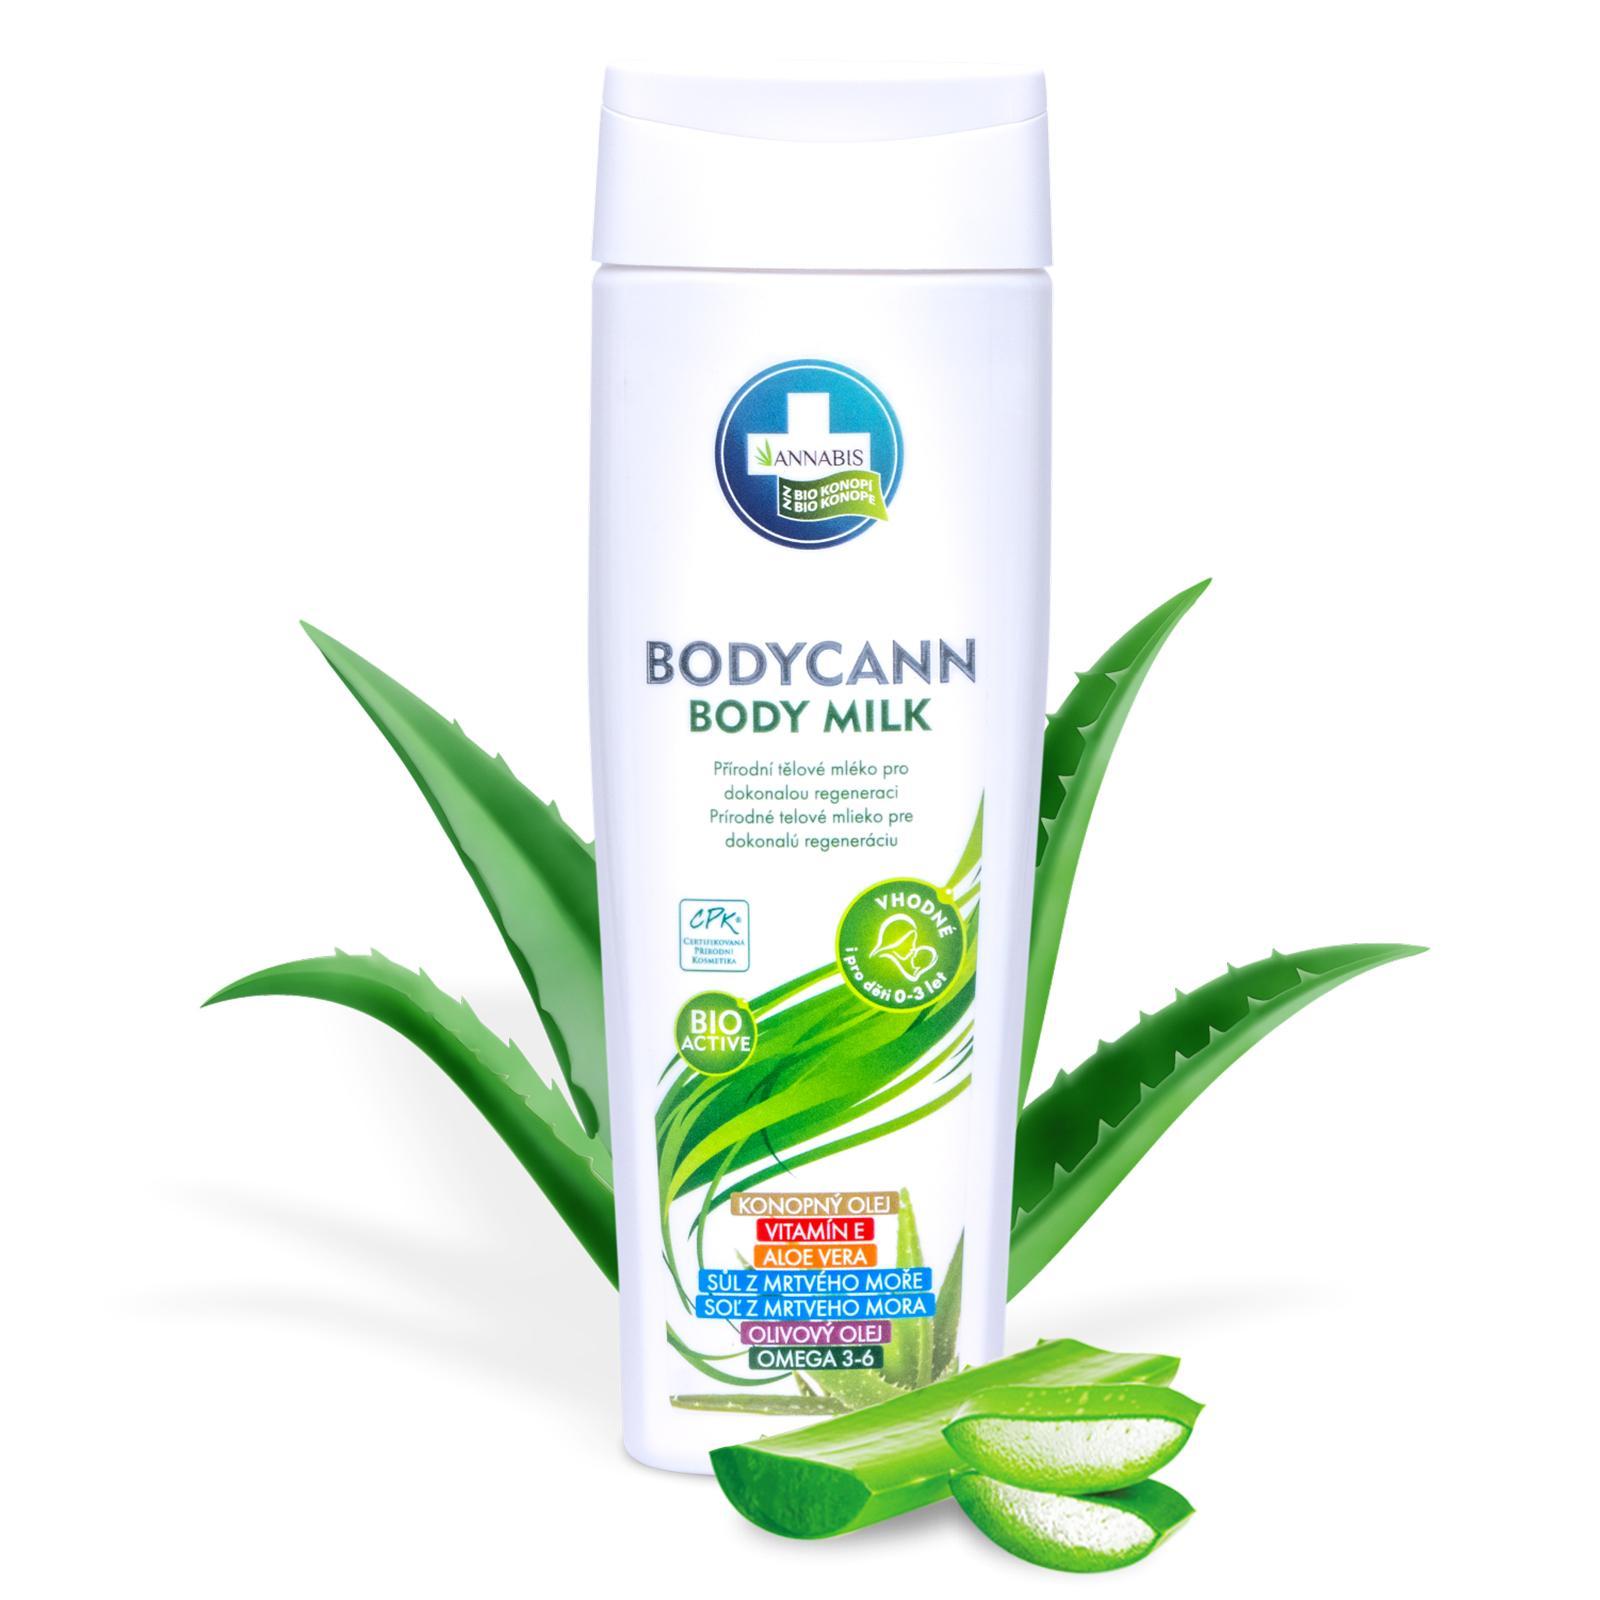 Annabis Přírodní tělové mléko pro dokonalou regeneraci, Bodycann 250 ml